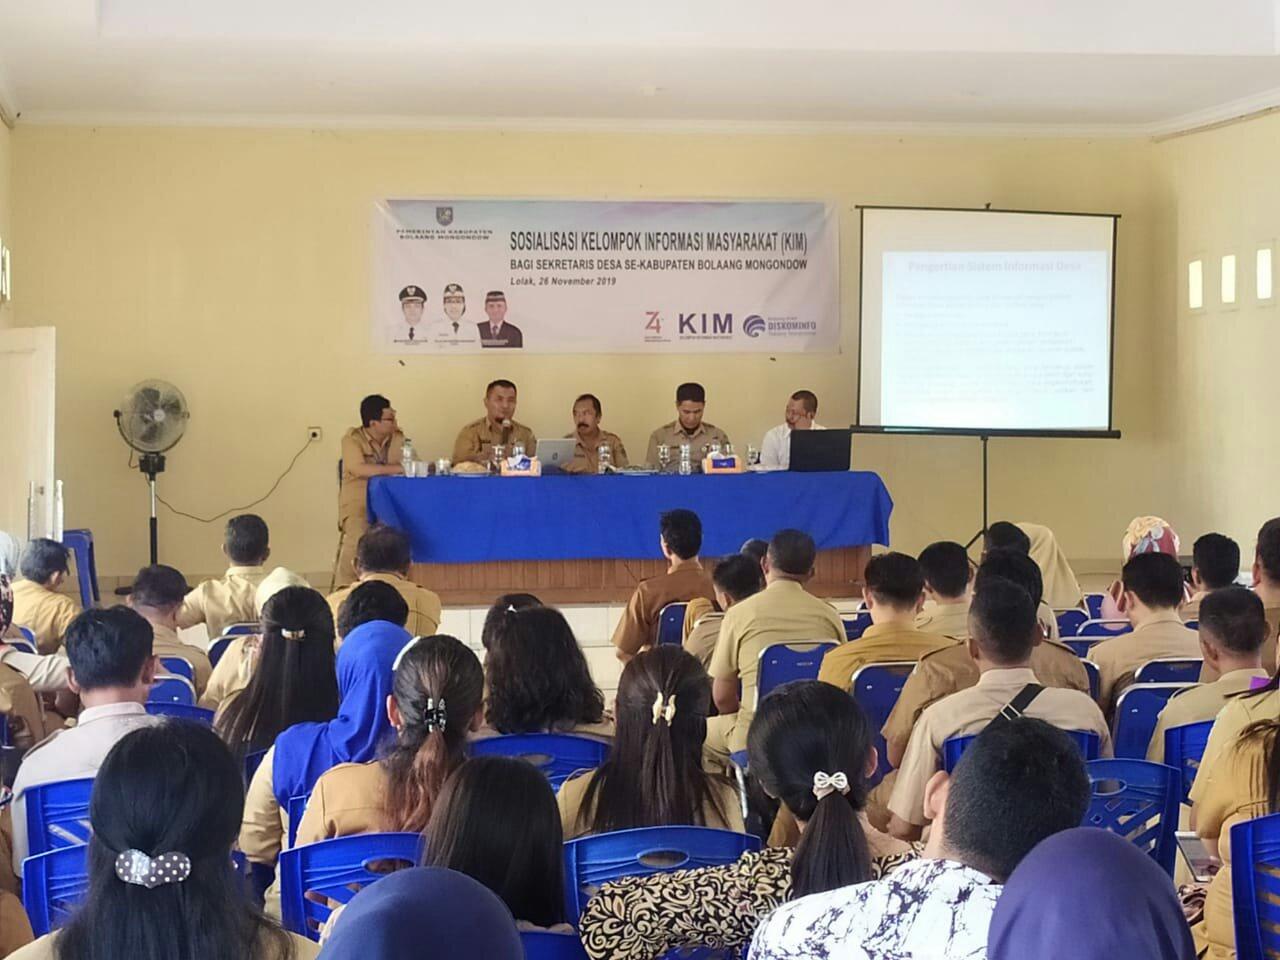 Sekdes di Bolmong Dituntut Mampu Menjadi Sumber Informasi Bagi Desa